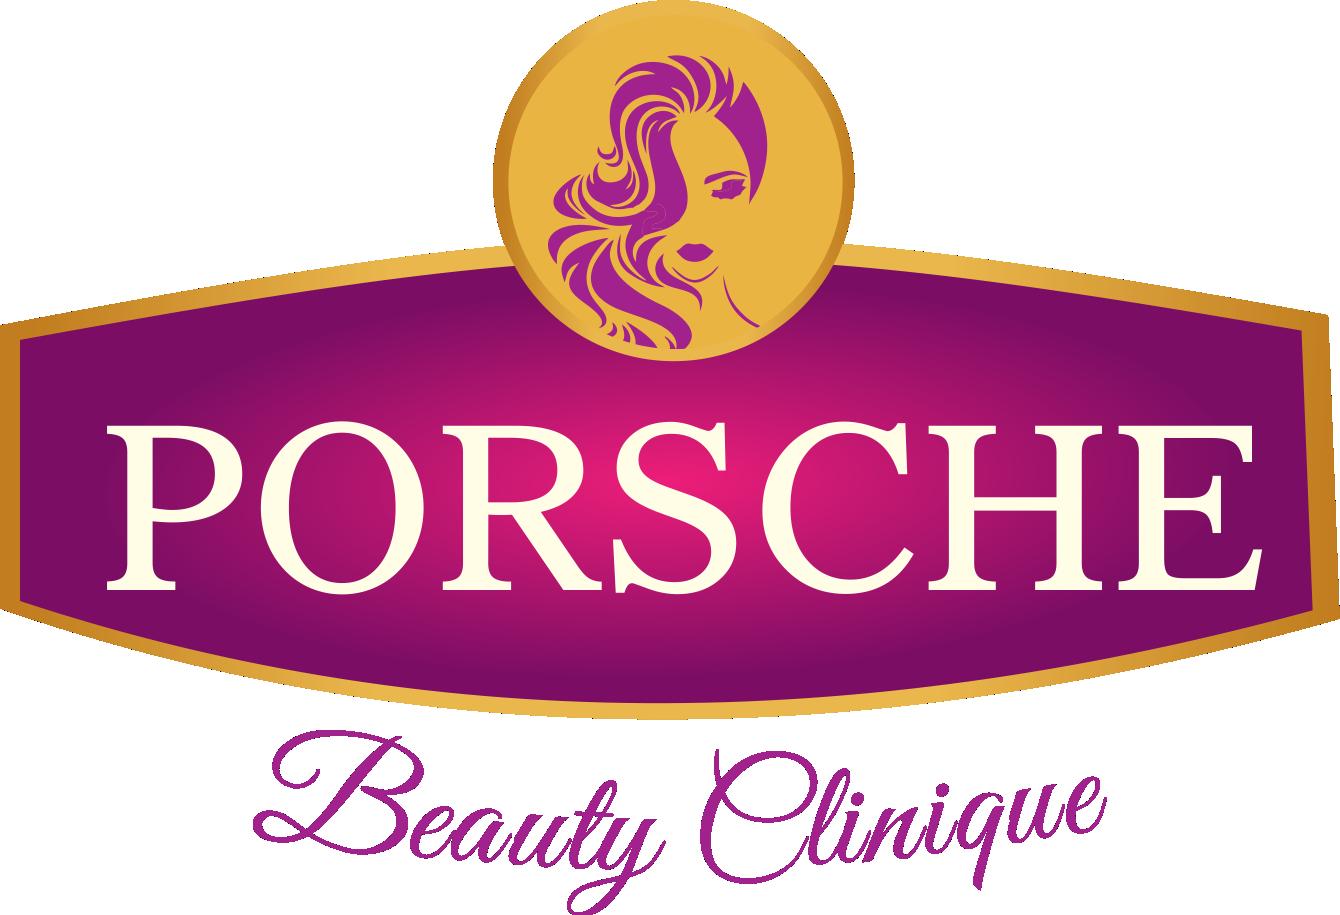 Porsche Beauty Clinique